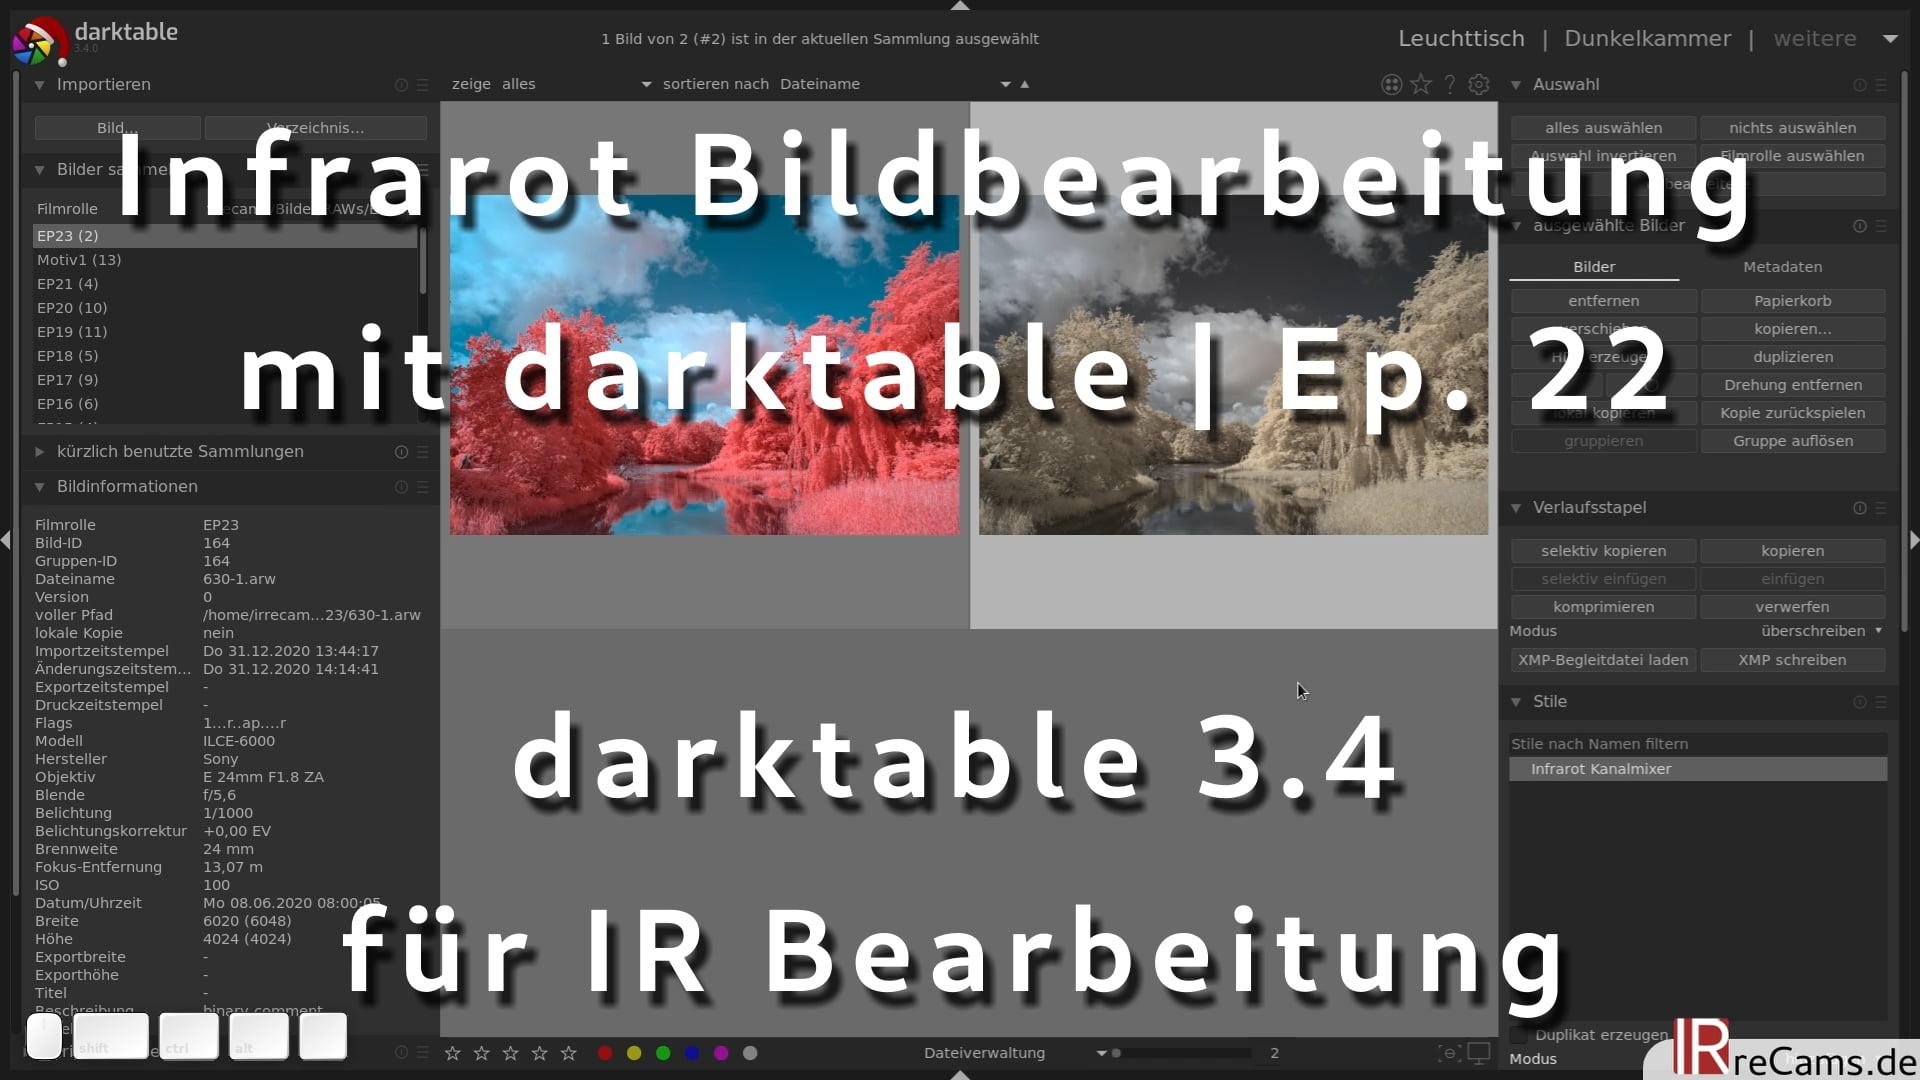 Infrarot Bildbearbeitung mit darktable 3.4 | Ep. 22